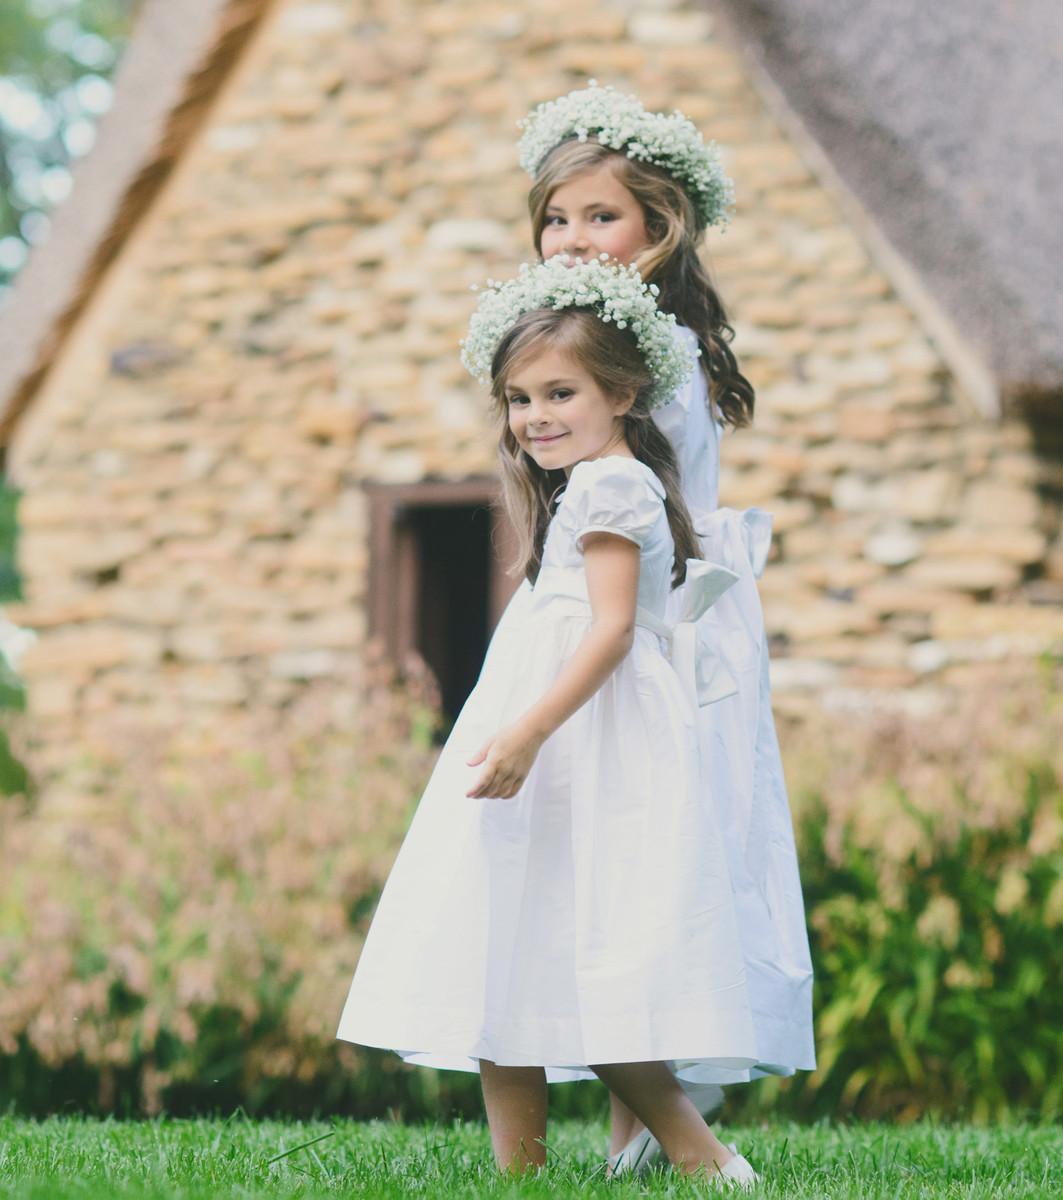 Strasburg children wedding dress attire tennessee for Wedding dress rental nashville tn